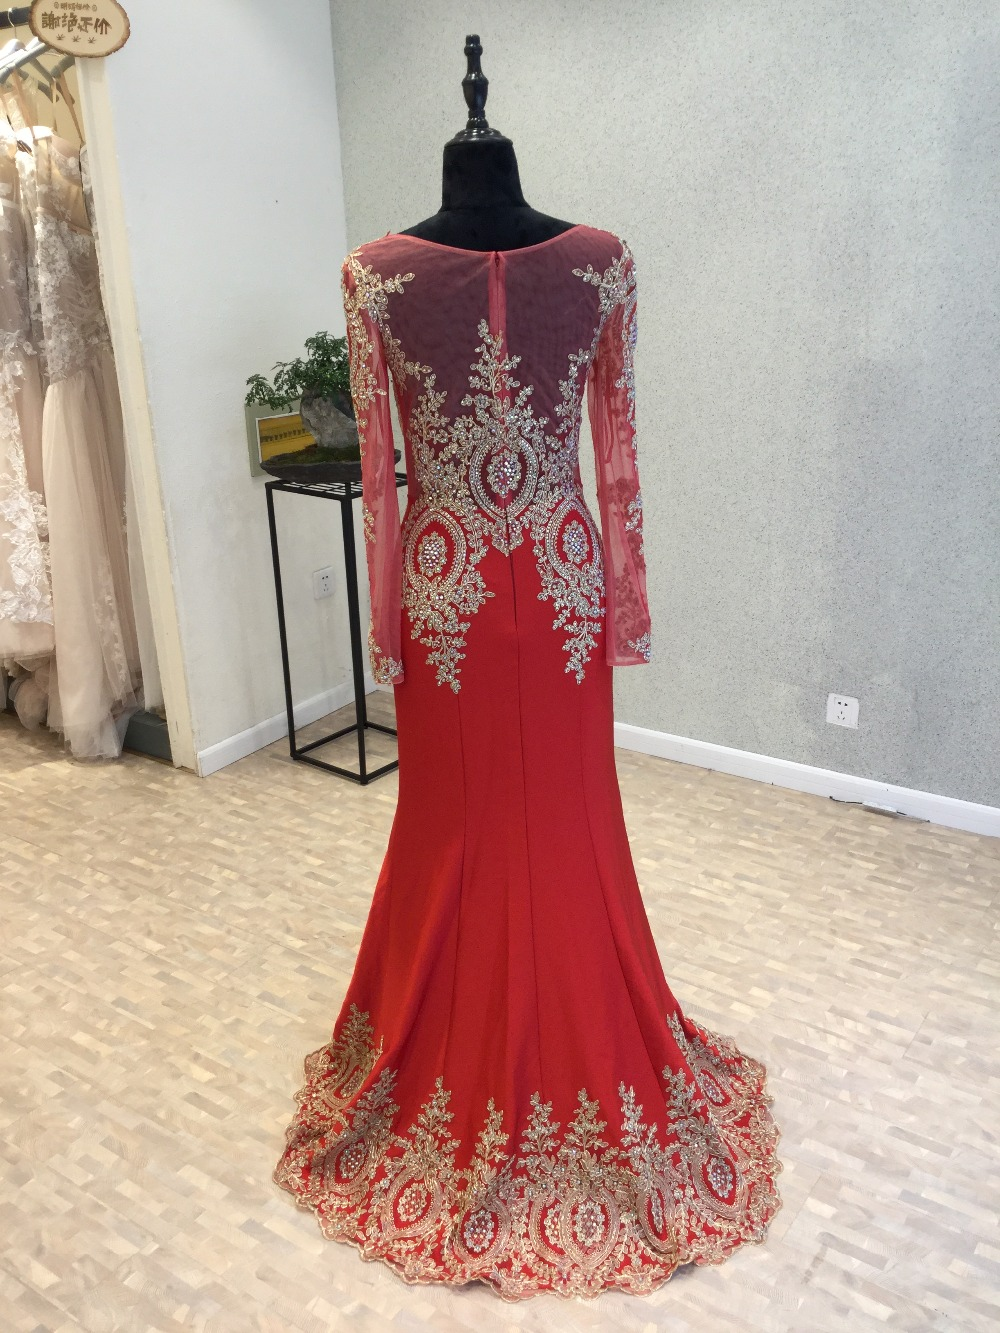 Robe de soirée Sexy rouge robe de soirée 2018 o-cou manches longues longueur au sol Appliques en mousseline de soie robes de bal robes de soirée - 2